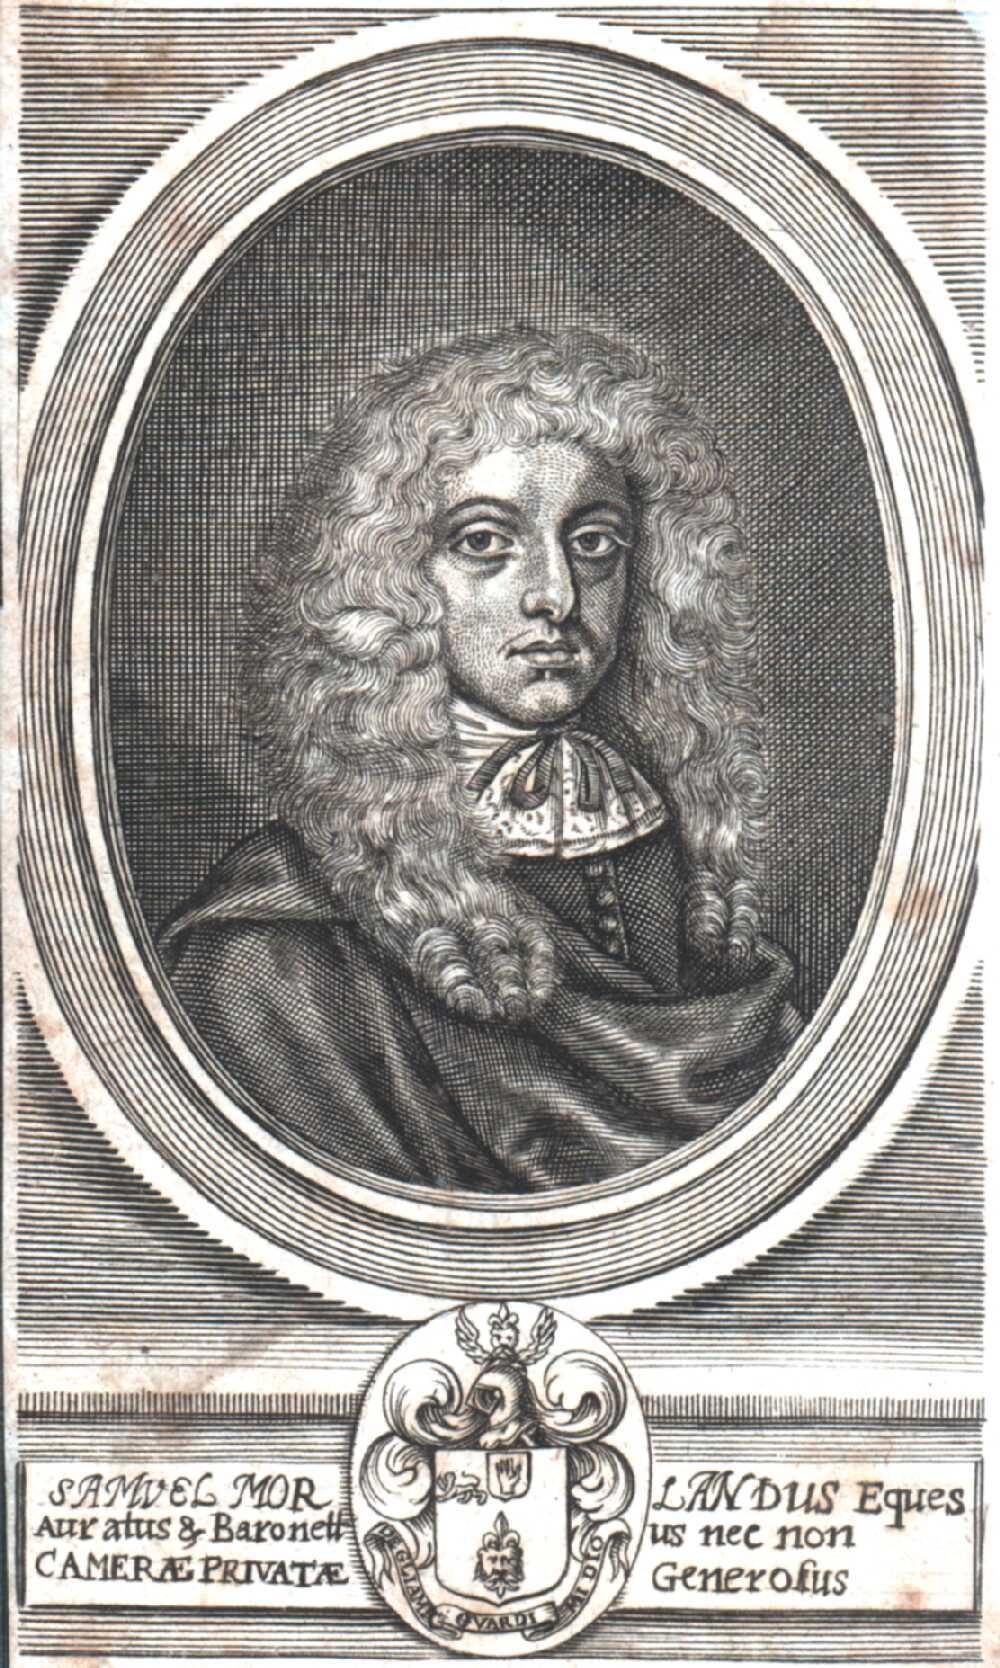 Portrait of Samuel Morland,  Image number:SIL14-M006-03a